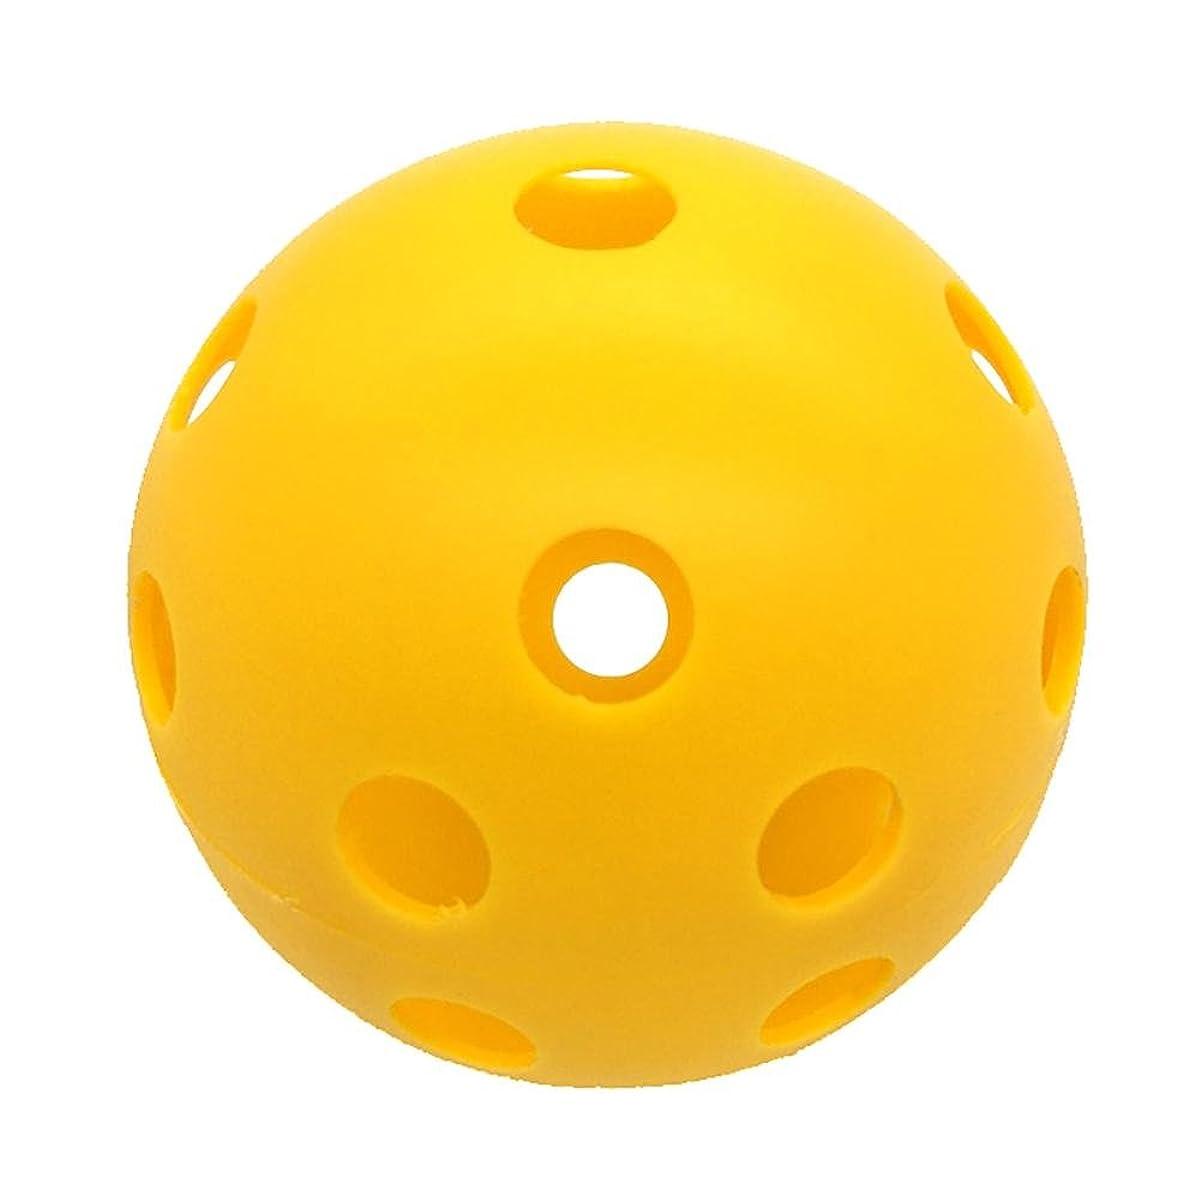 支配的気配りのあるクリップpretty-jin穴ボールPractice穴ボールピークインドアゴルフ複数の穴10個練習ボールPickleballインドアゴルフボールペットトレーニングボール